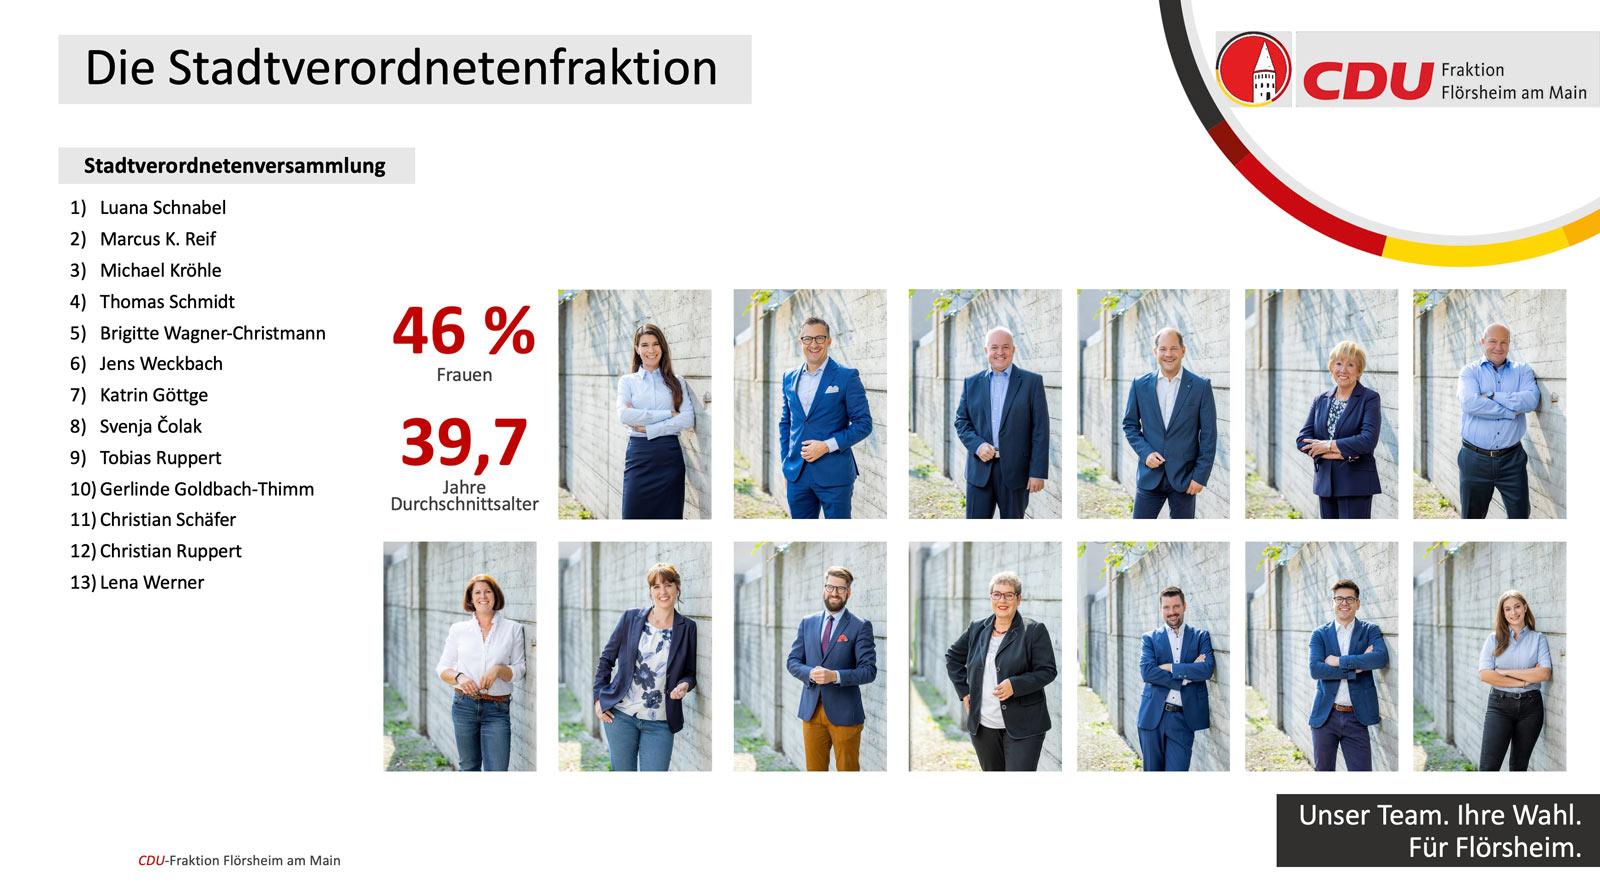 CDU-Fraktion hat sich konstituiert